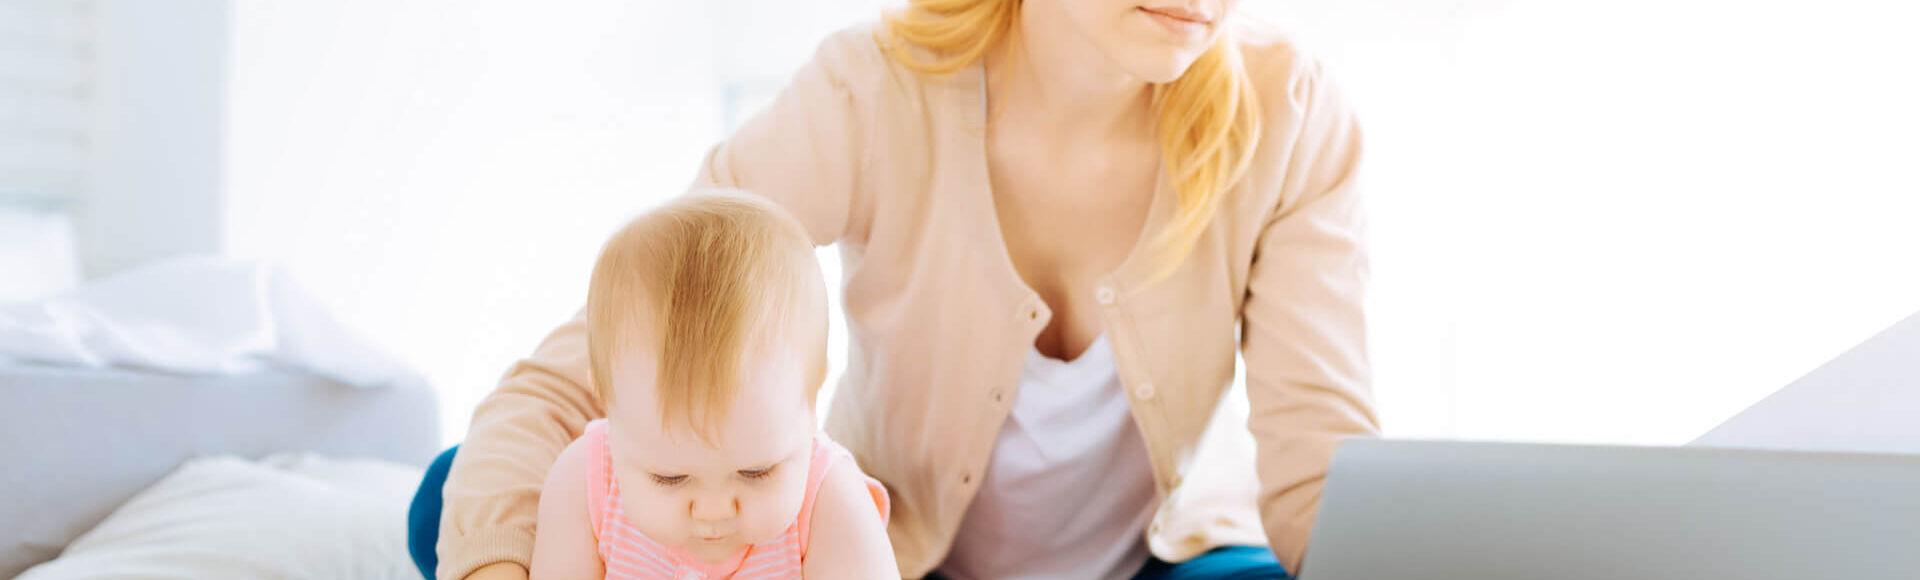 Trabajar o no después del parto